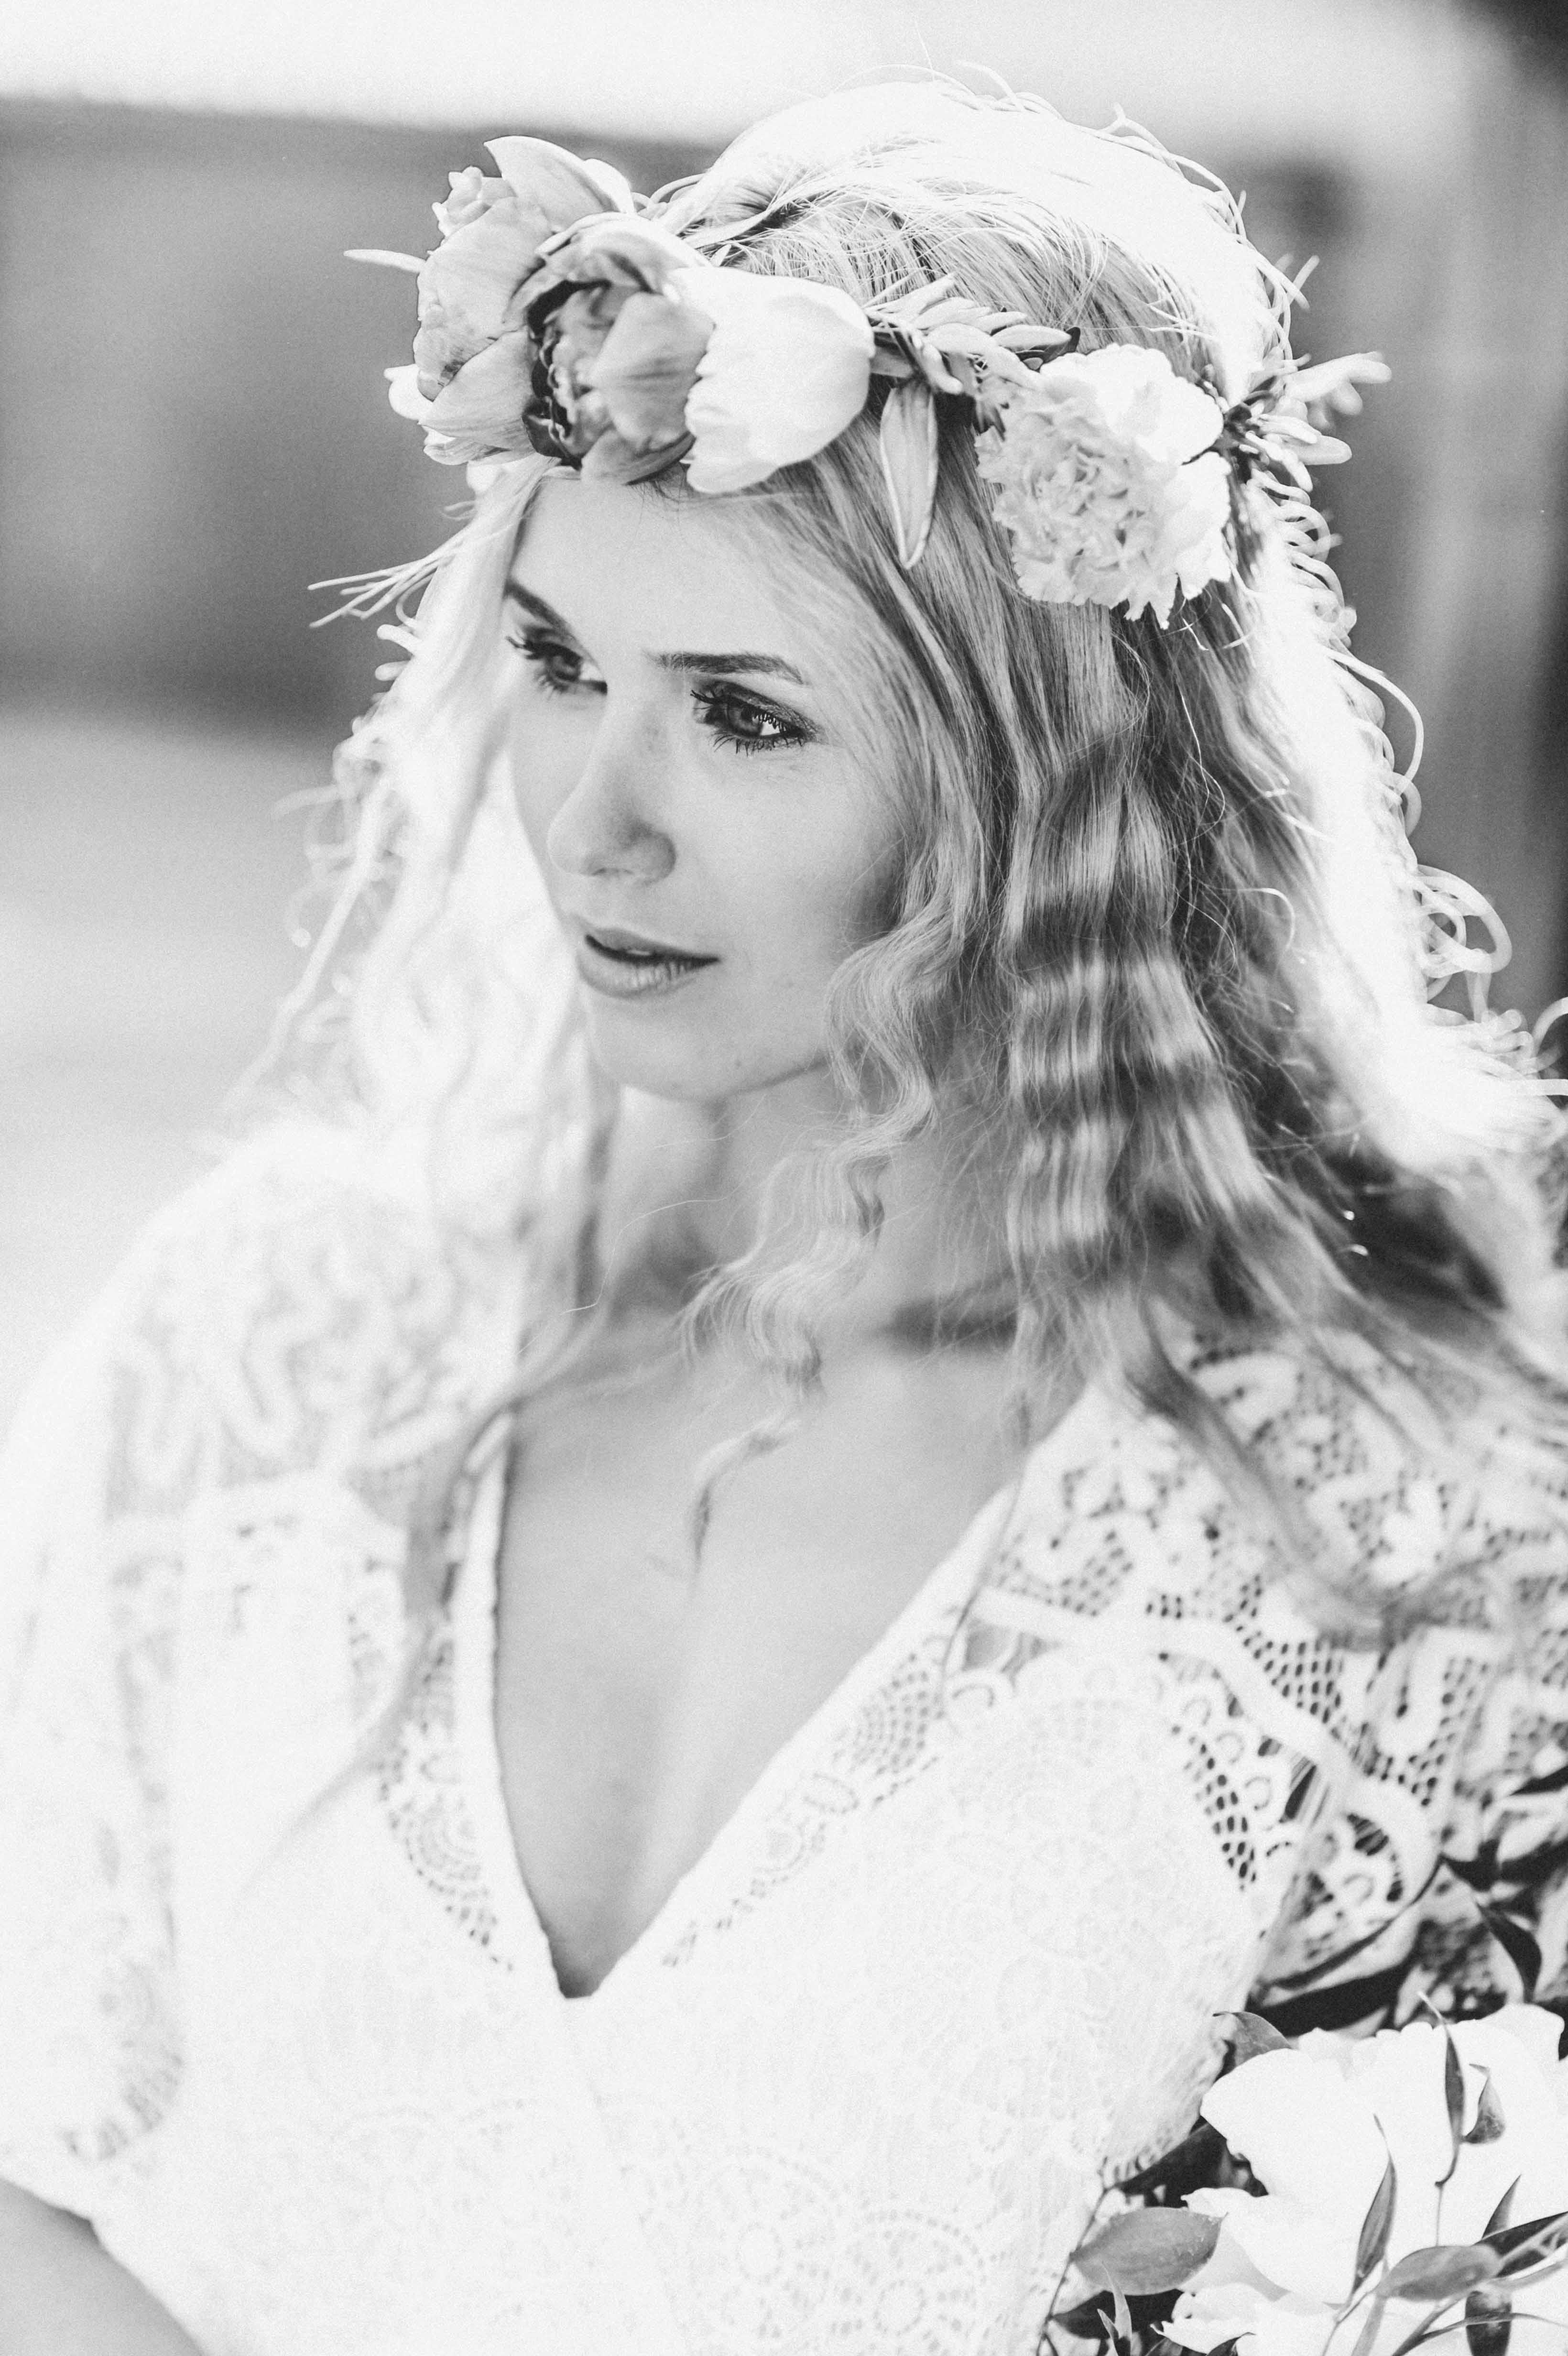 romantisches schwarz weiß Portrait, blondes Model mit Blumenkranz